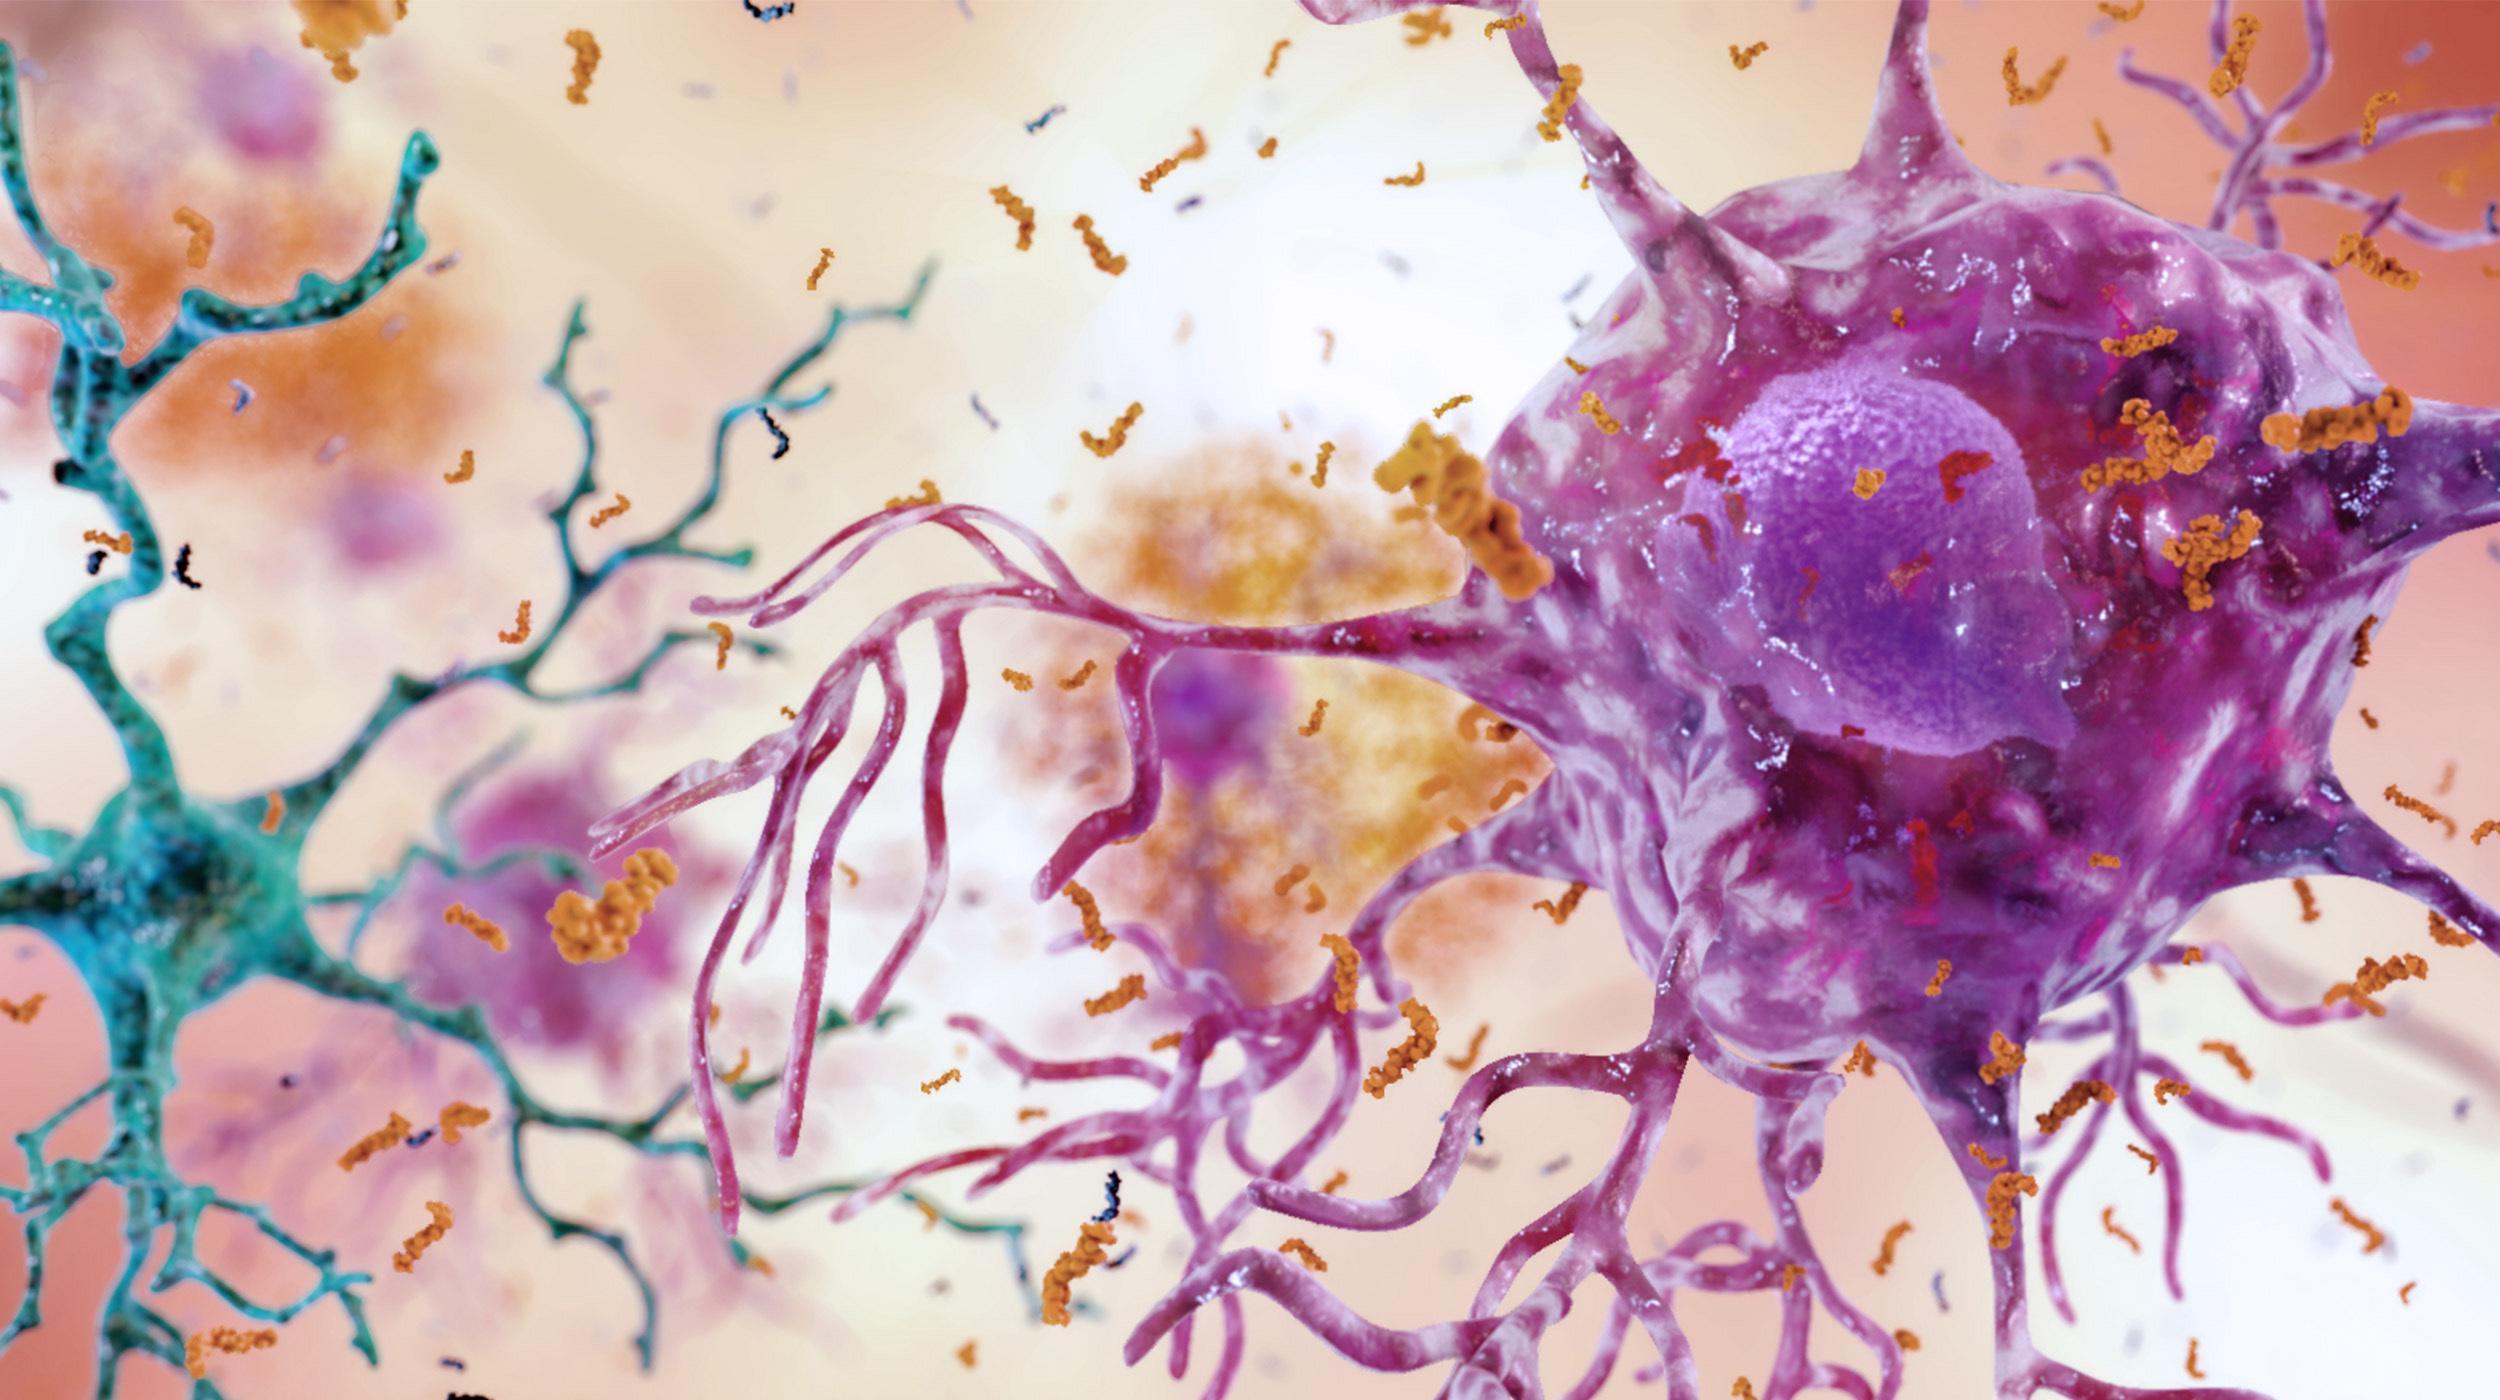 Продемонстрирована связь кишечной микрофлоры с болезнью Альцгеймера